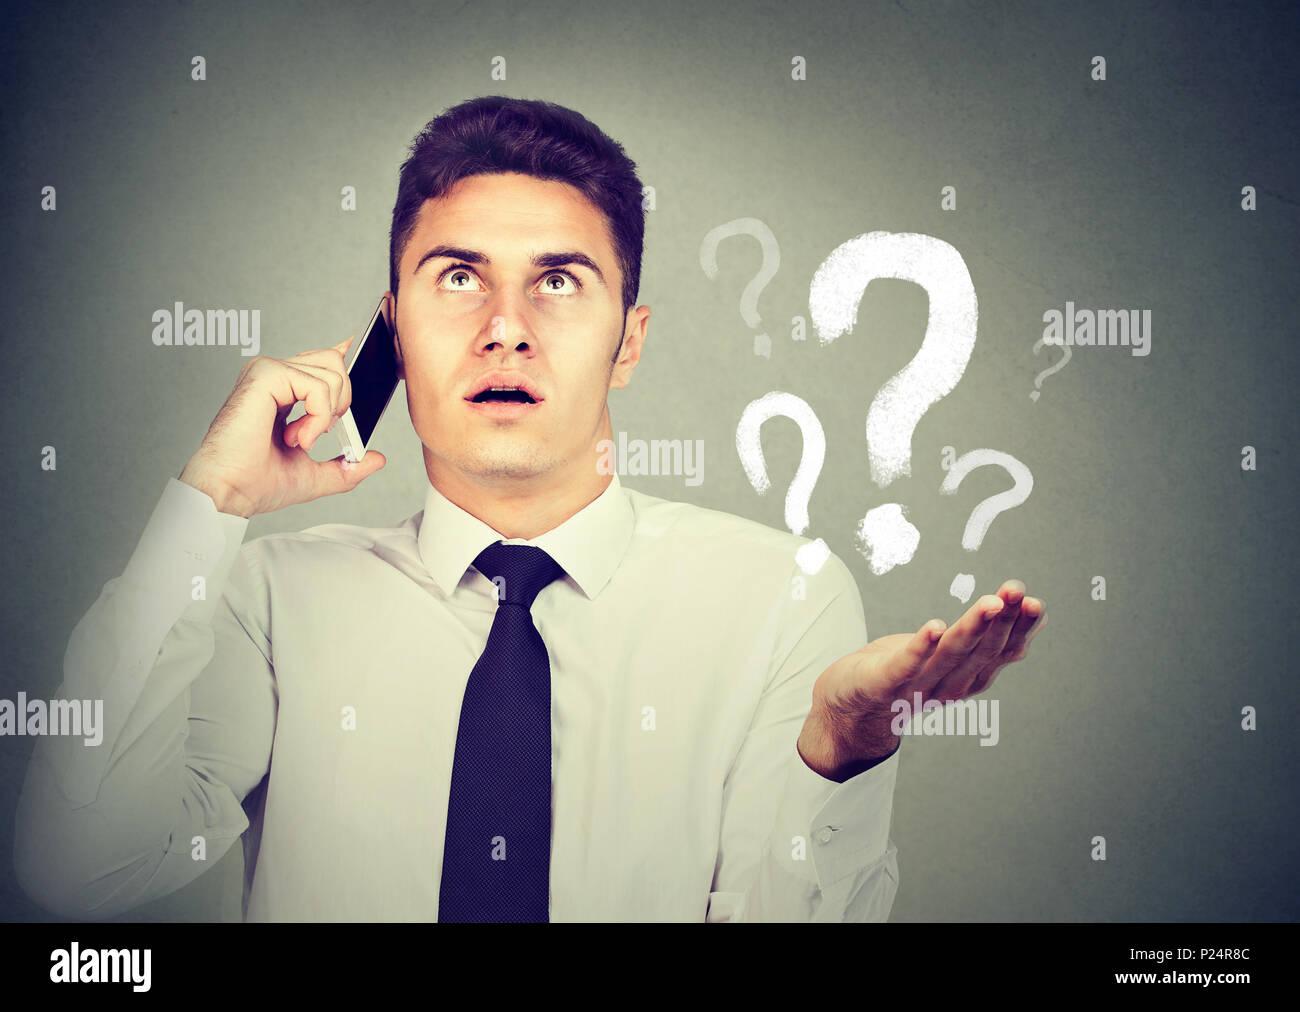 Malentendido y lejana llamada concepto. Malestar molesto joven hablando por teléfono móvil tiene muchas preguntas aislado sobre fondo gris. Imagen De Stock